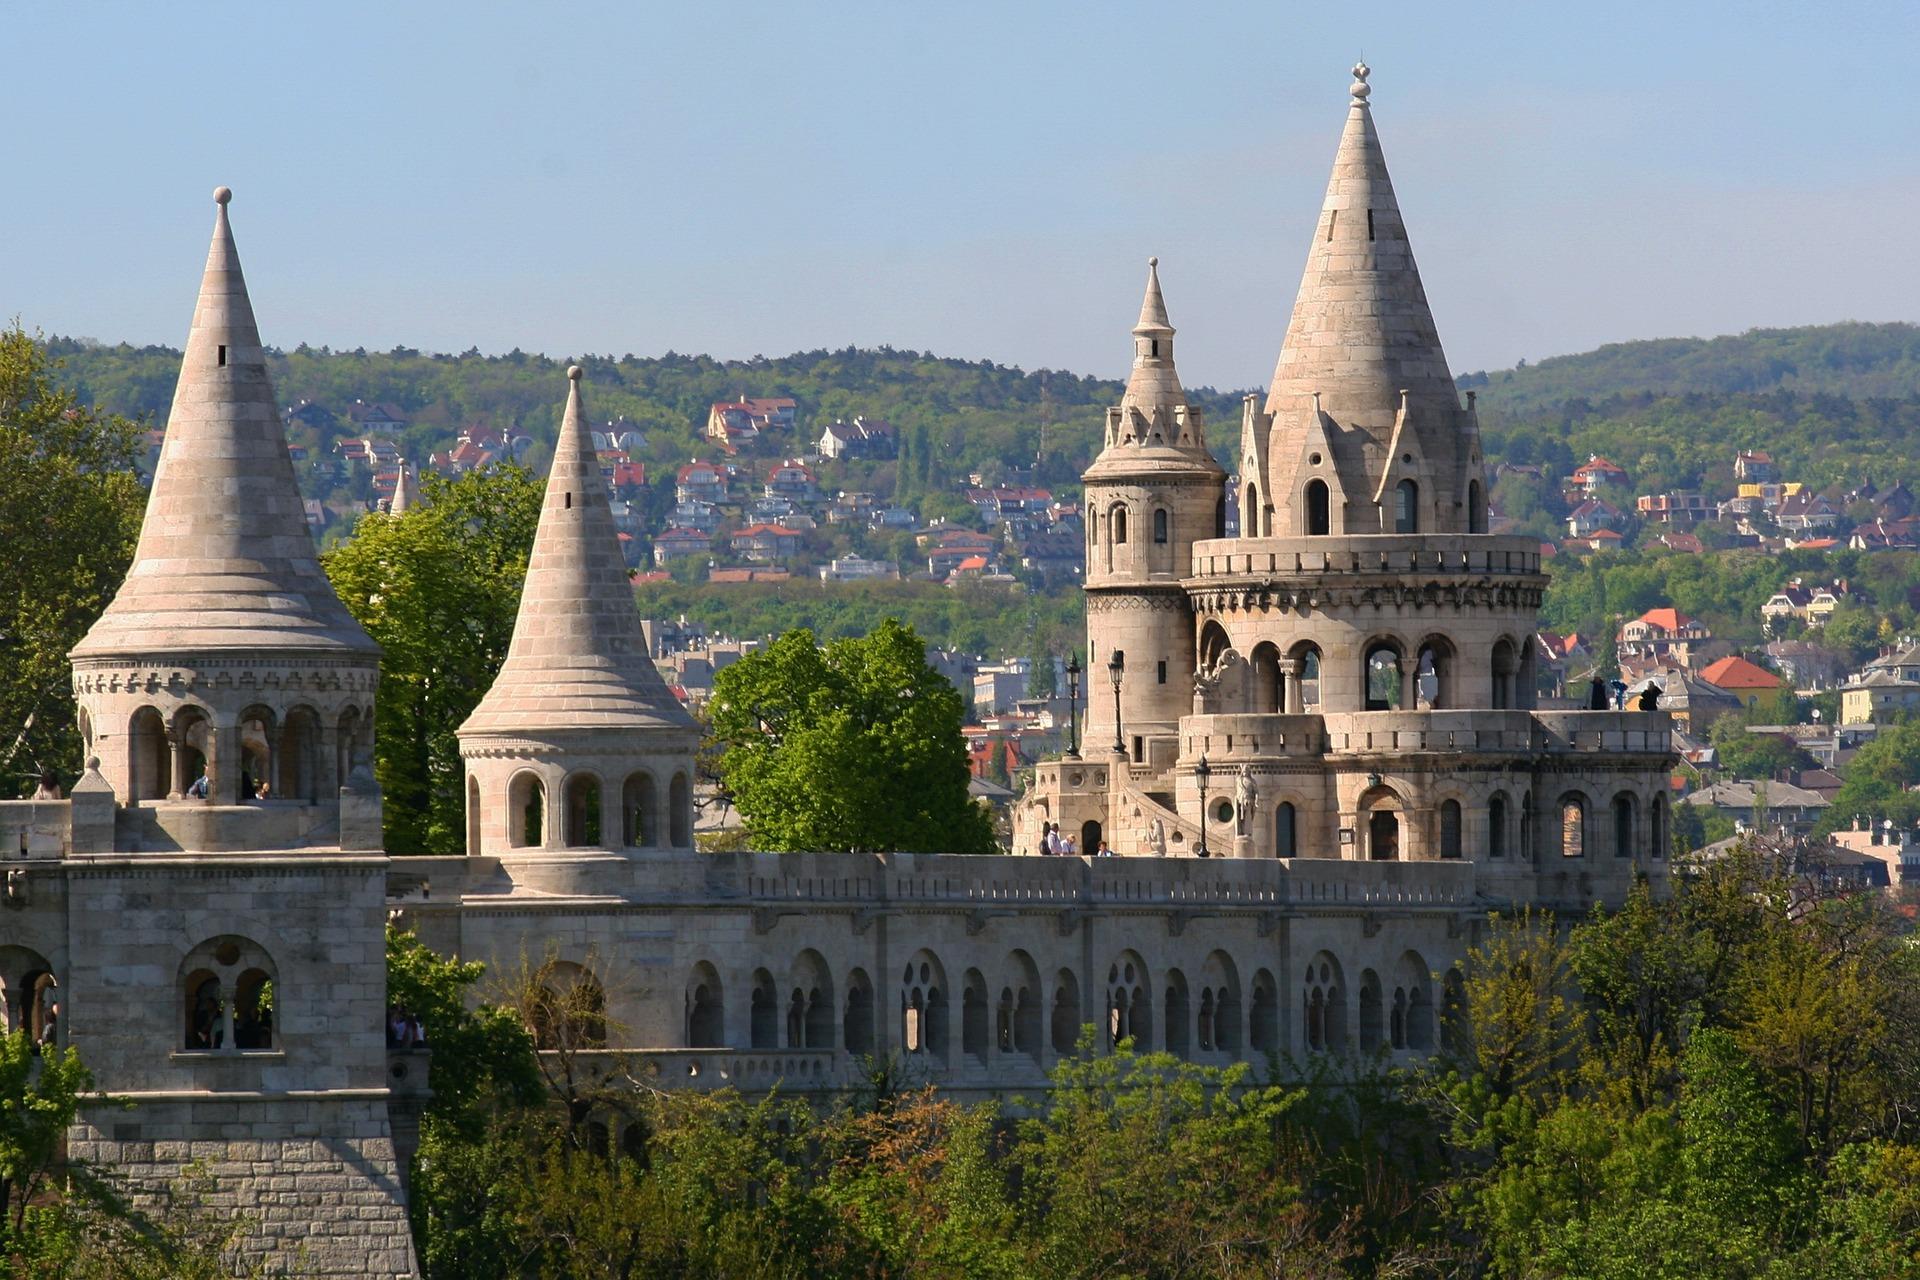 budapest, fiskebastionen, seværdigheder, turist, guide, rejse, rejseguide, oplevelser, ferie